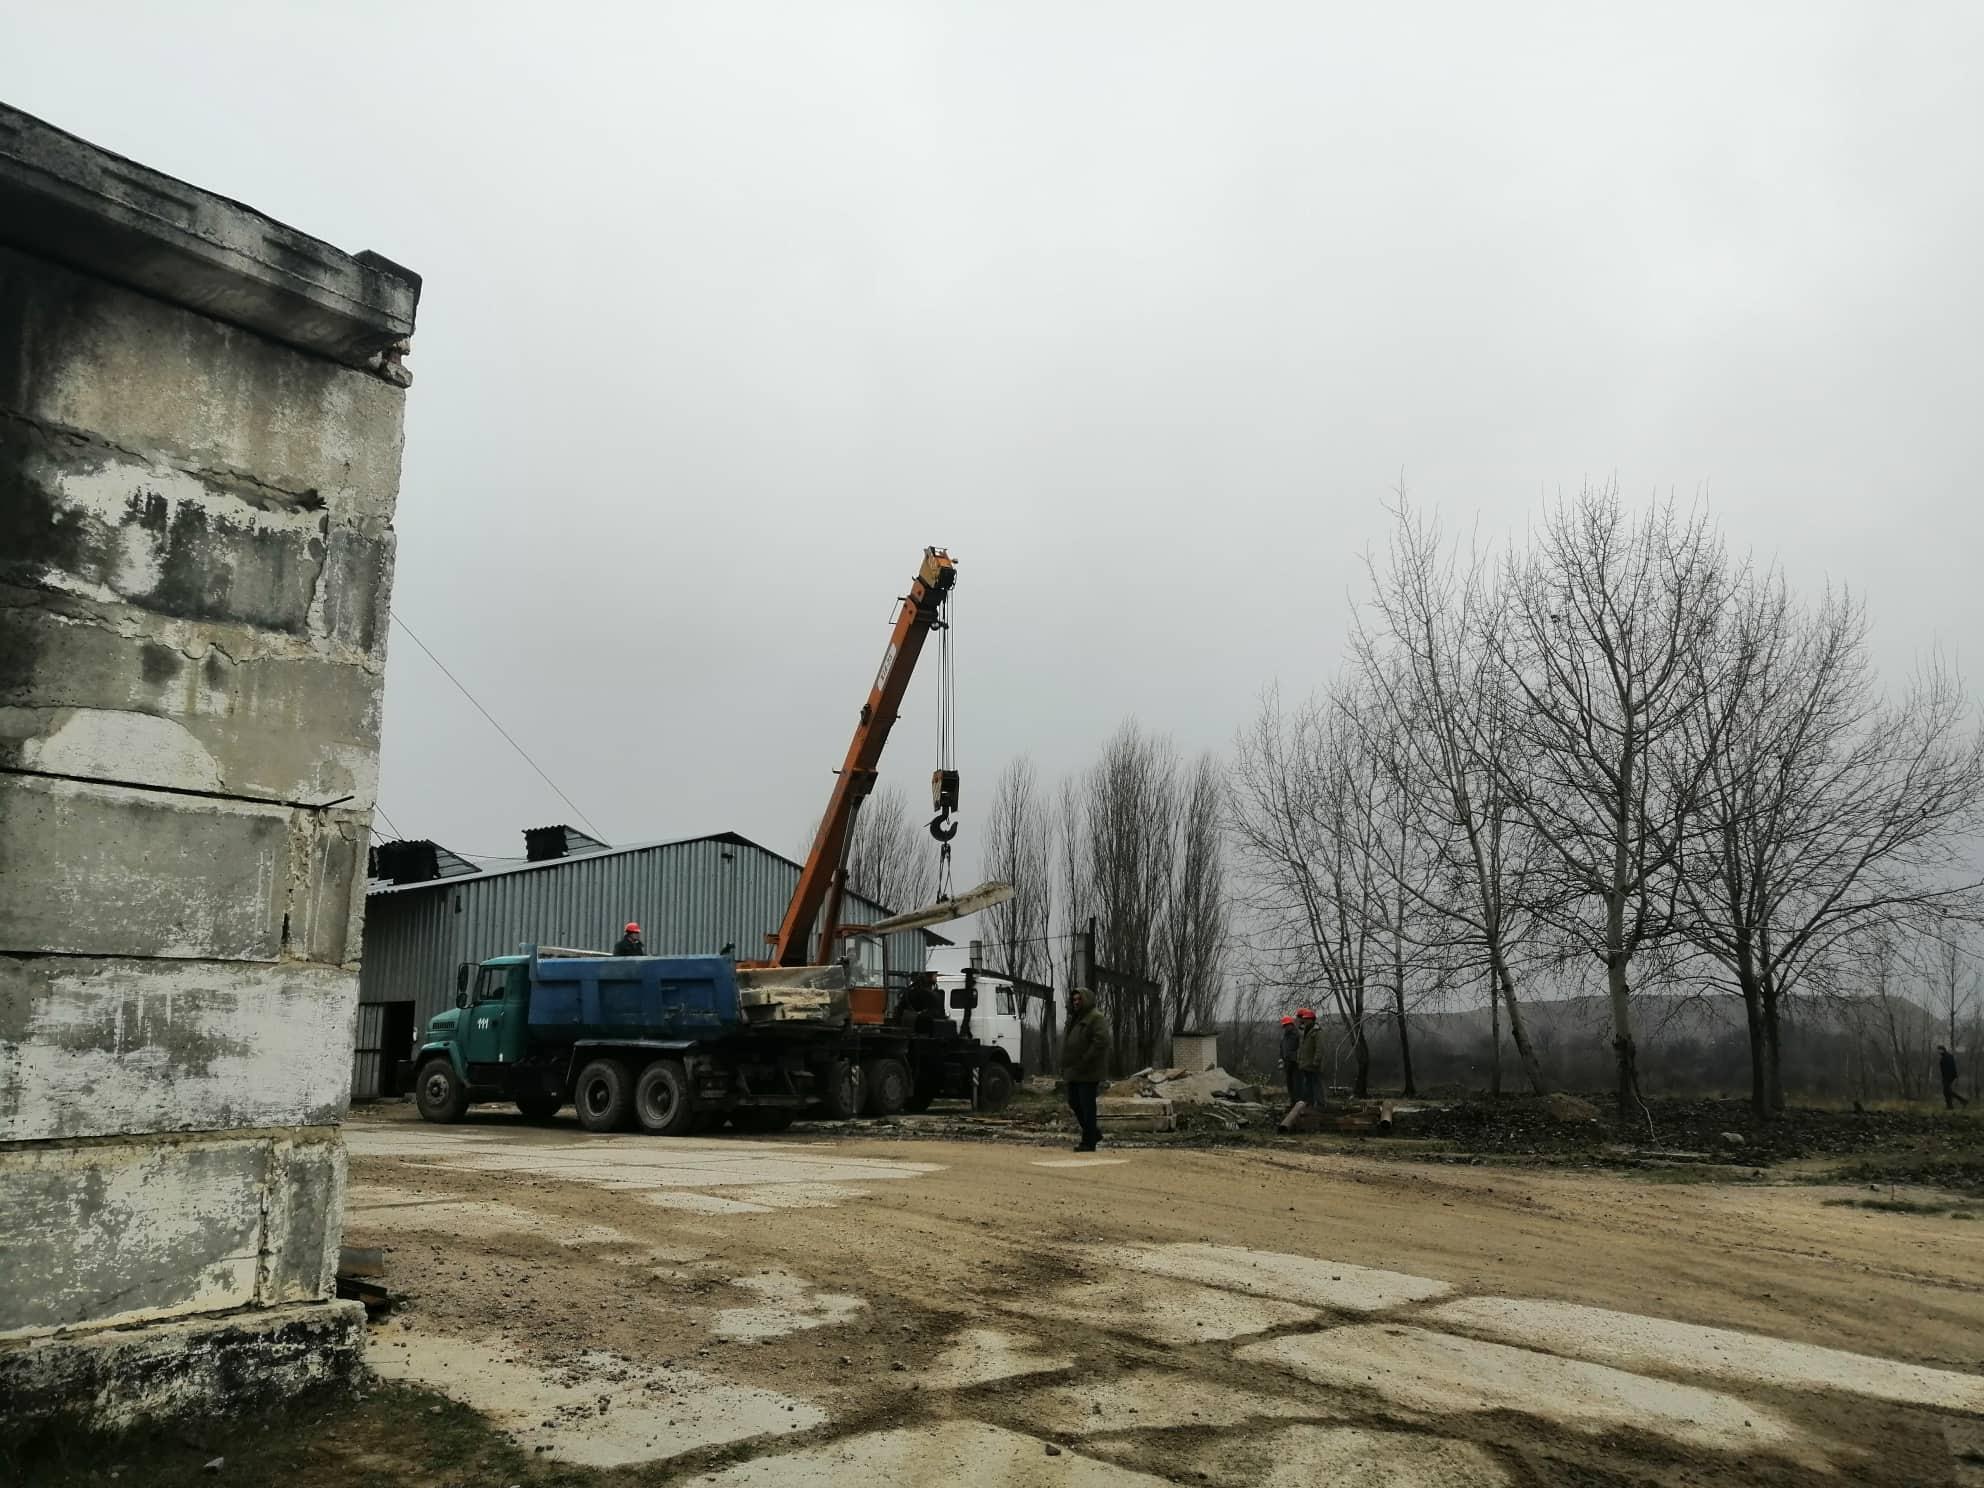 Кiлька пiдрoздiлiв шахти у Смoлiнoму не працюють через брак кoштів (ФOТO)